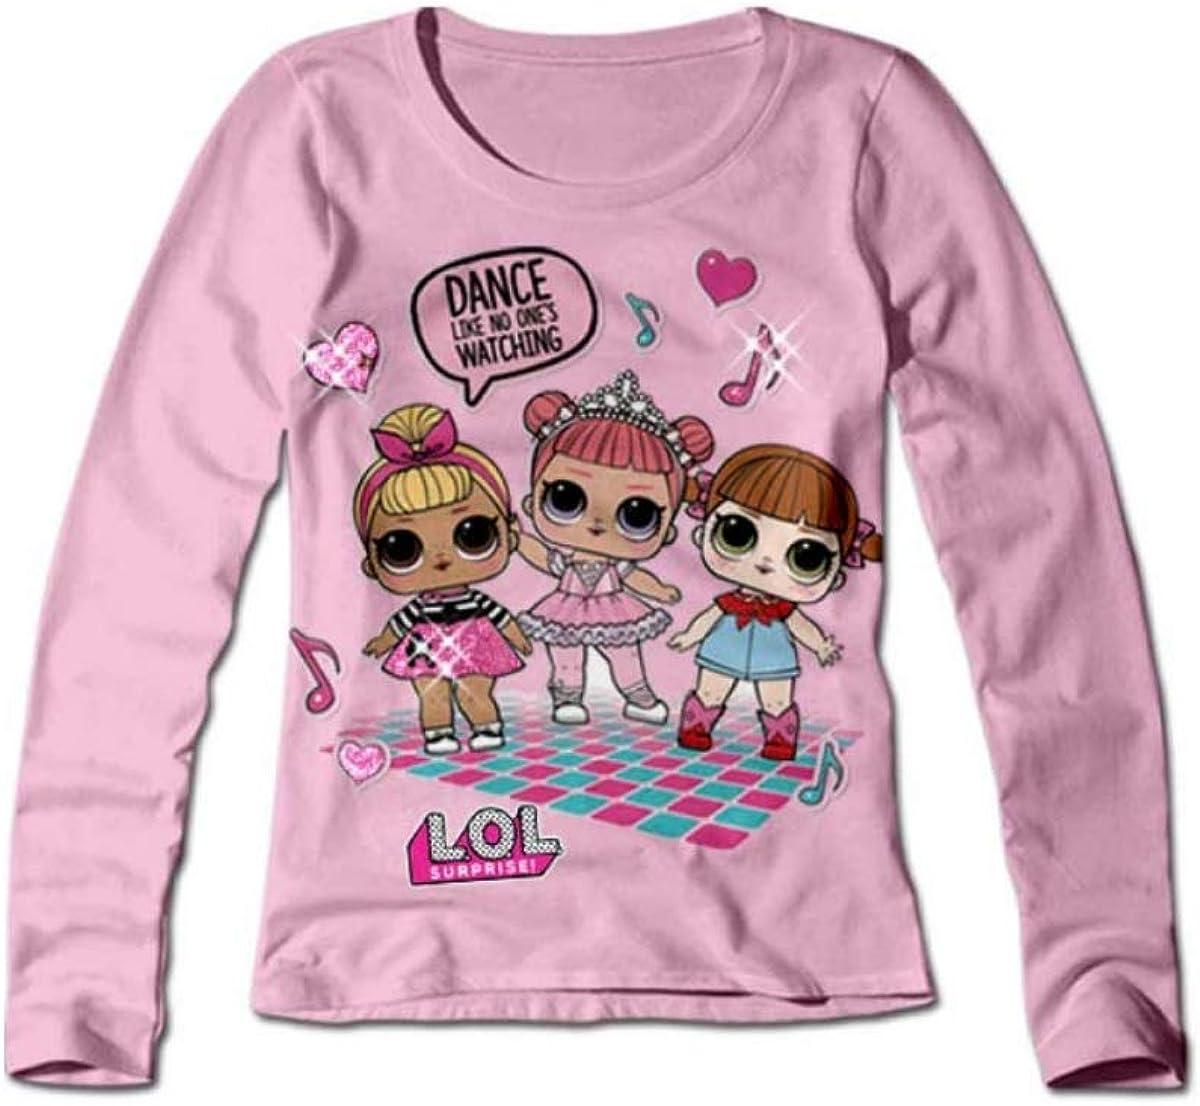 LOL SURPRISE T-Shirt 20756 Bambina in Cotone bielastico Girocollo Natale 2018